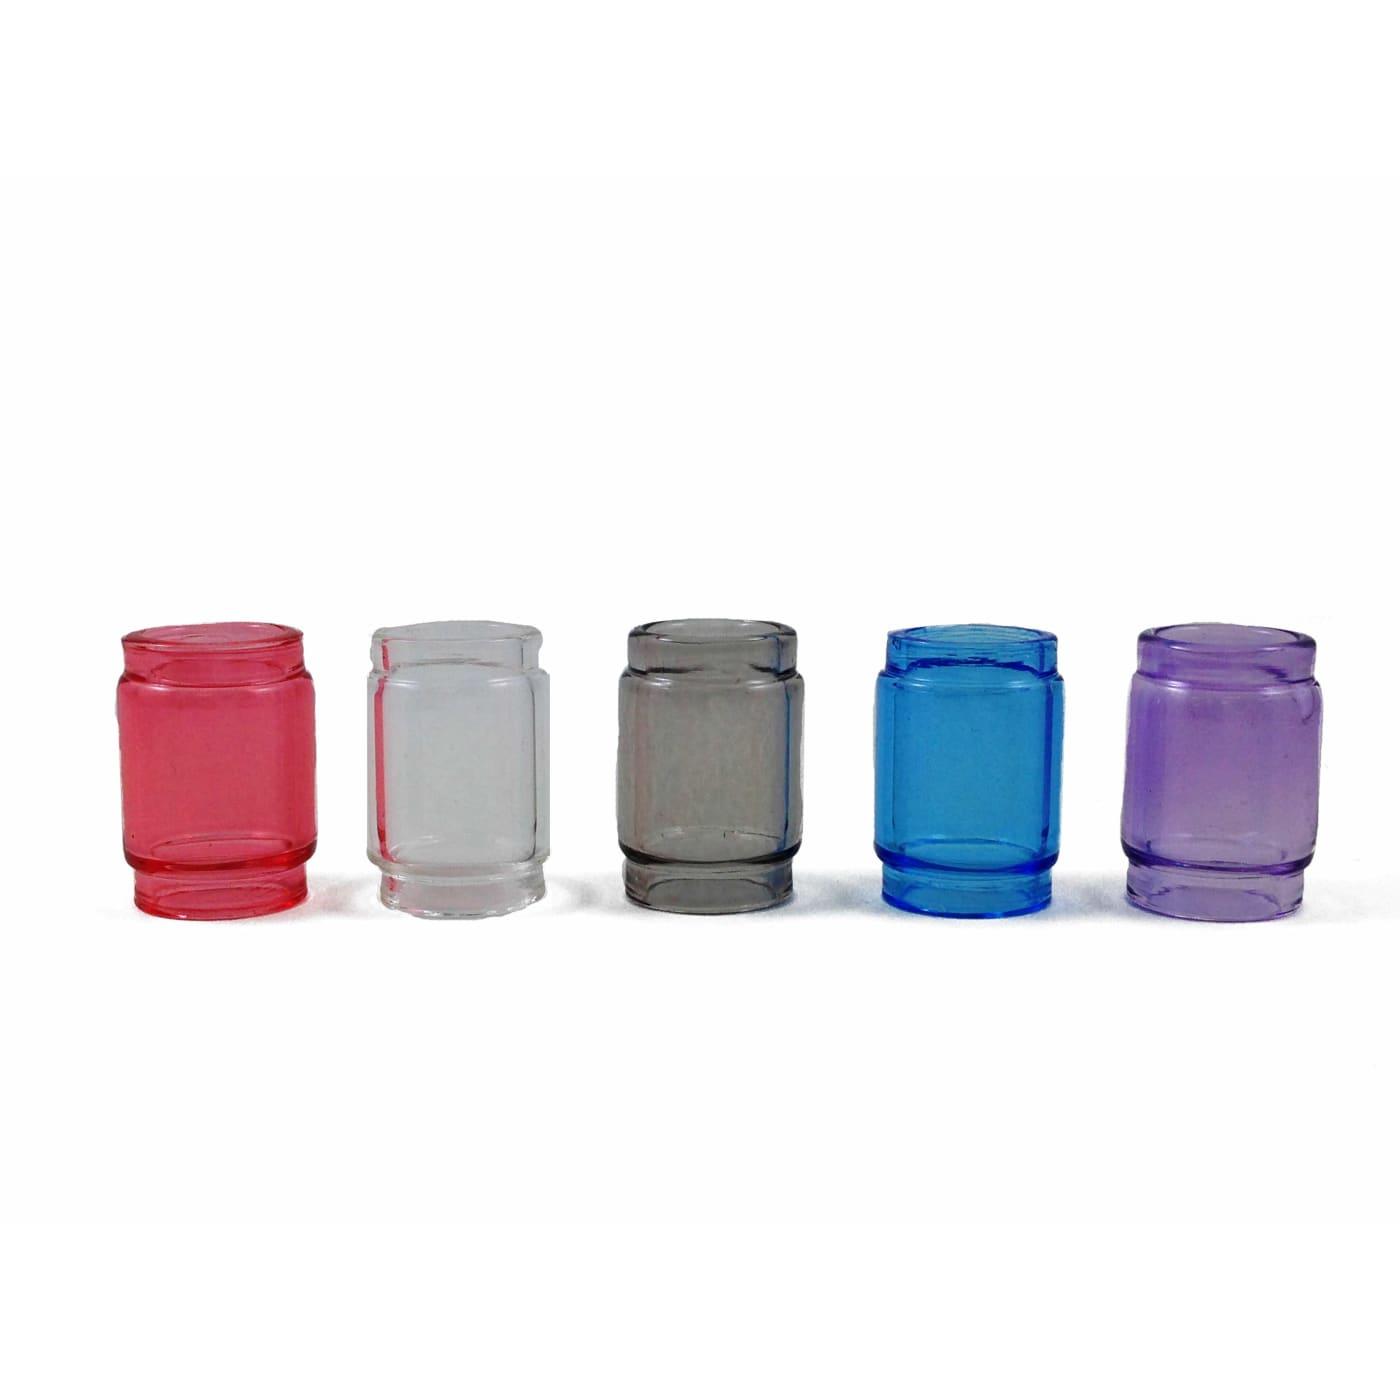 Kanger ProTank 2 Glass Tube Colors